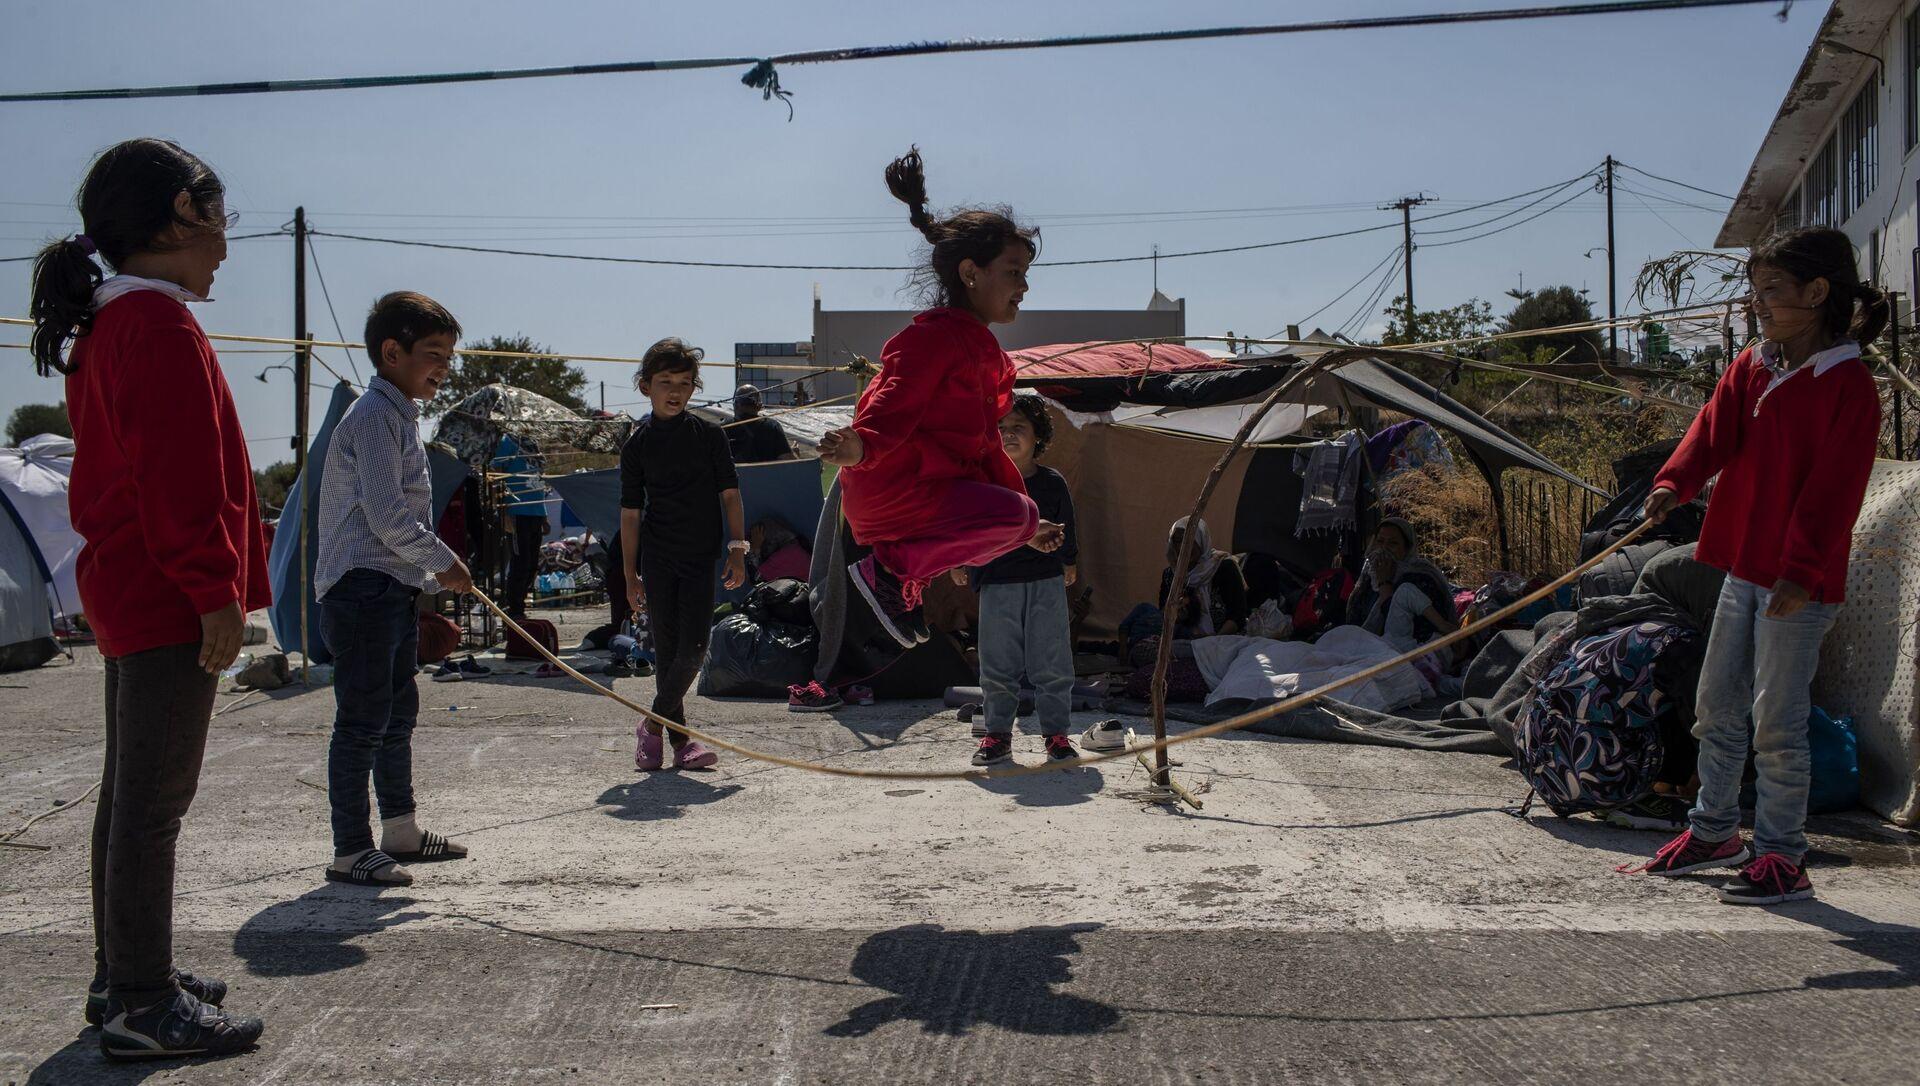 L'isola Lesbos: i bambini che si giocano - Sputnik Italia, 1920, 07.02.2021